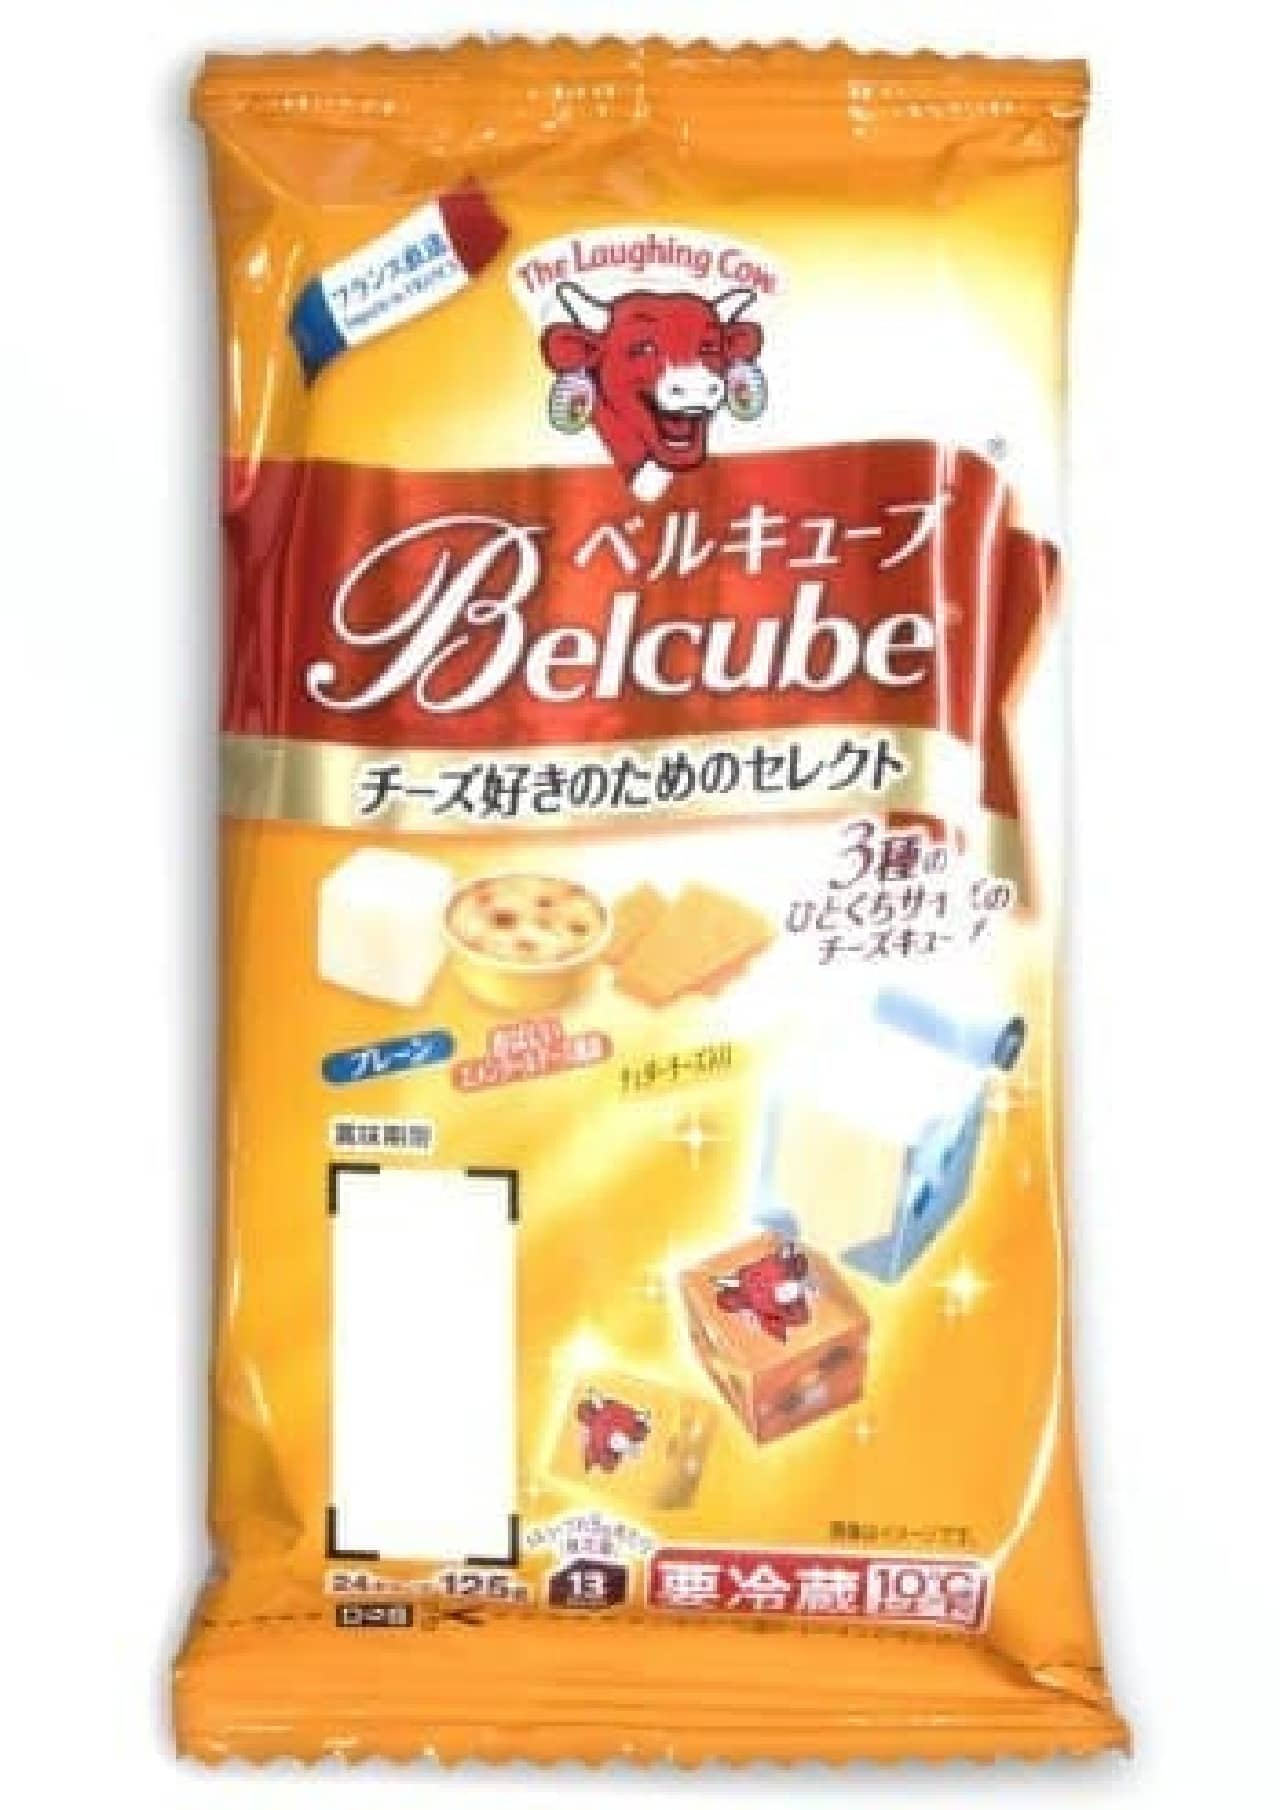 ベル ジャポン「ベルキューブ チーズ好きのためのセレクト」